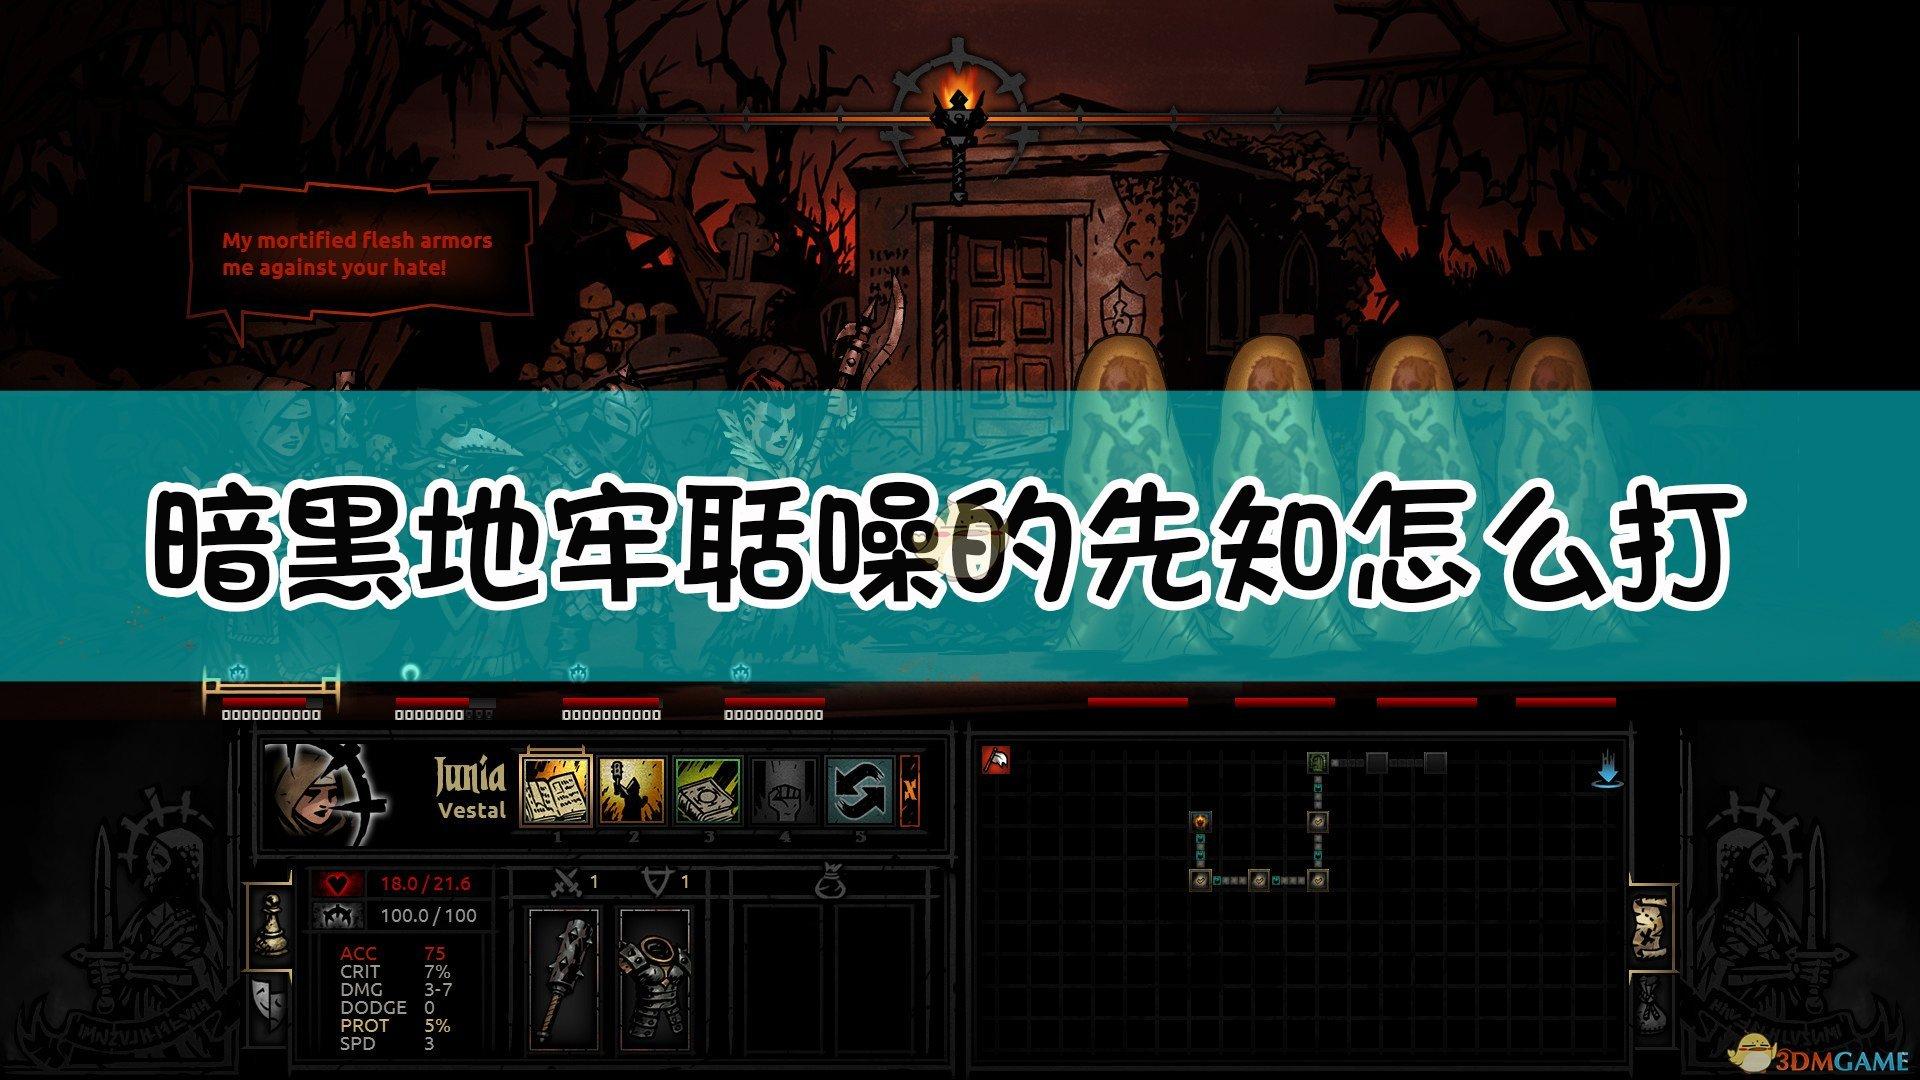 《暗黑地牢》聒噪的先知boss机制详解